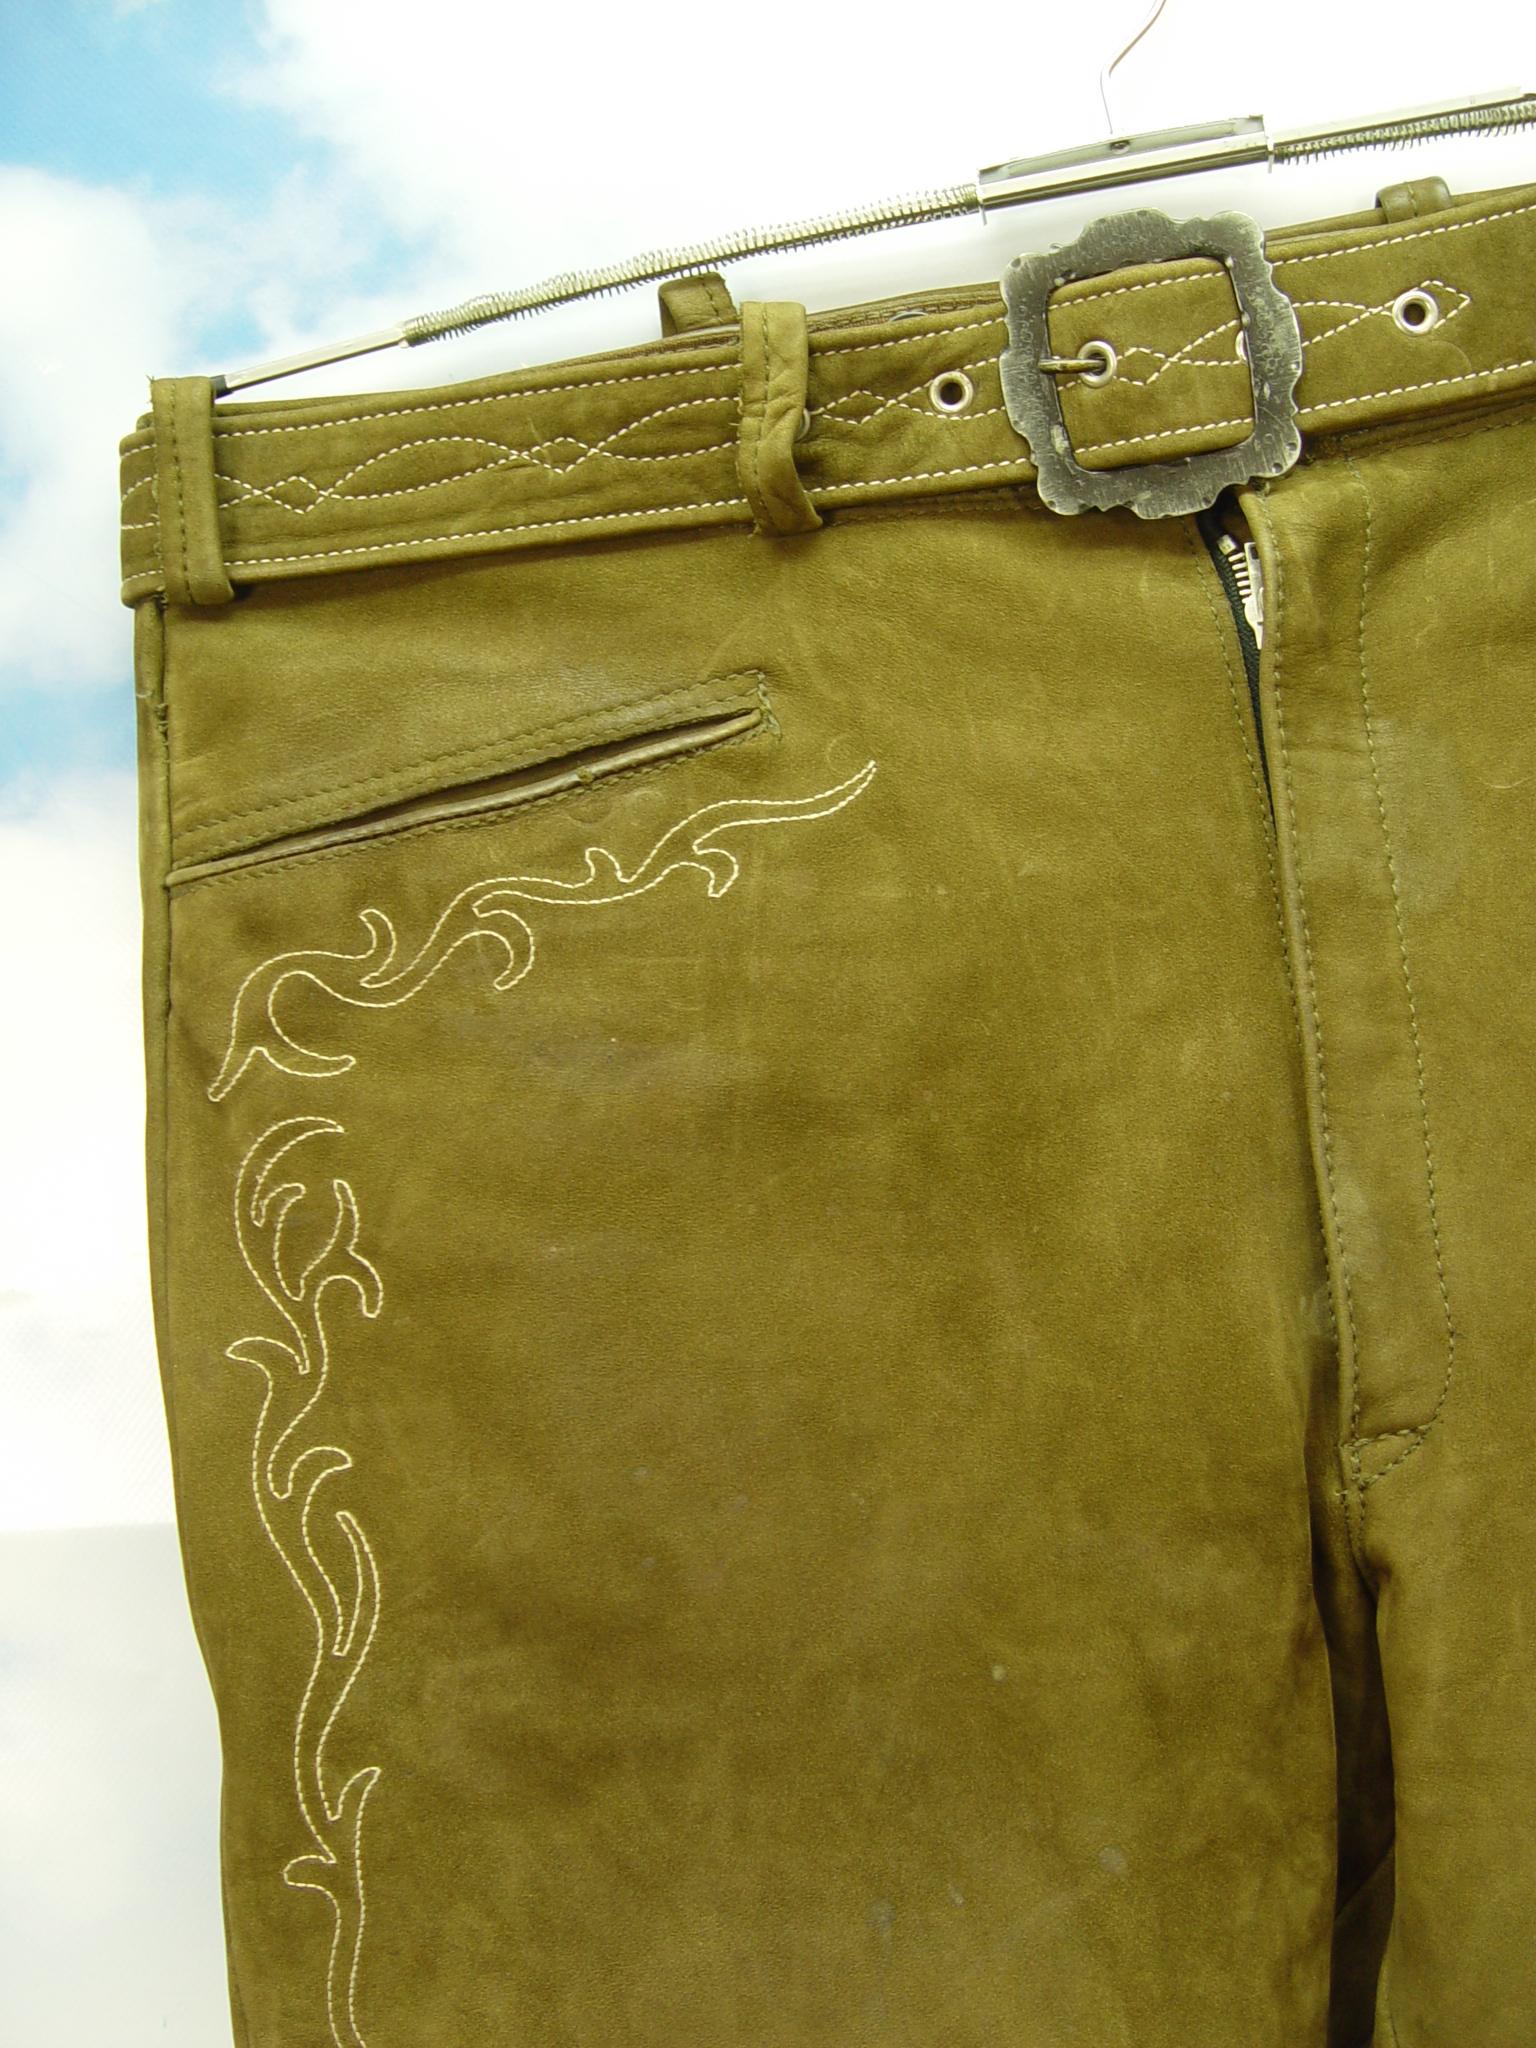 Super Rabatt 100% Qualität bekannte Marke leicht speckig Glattleder in grün mit Stickerei Herren Trachten Lederhose  Gr.54